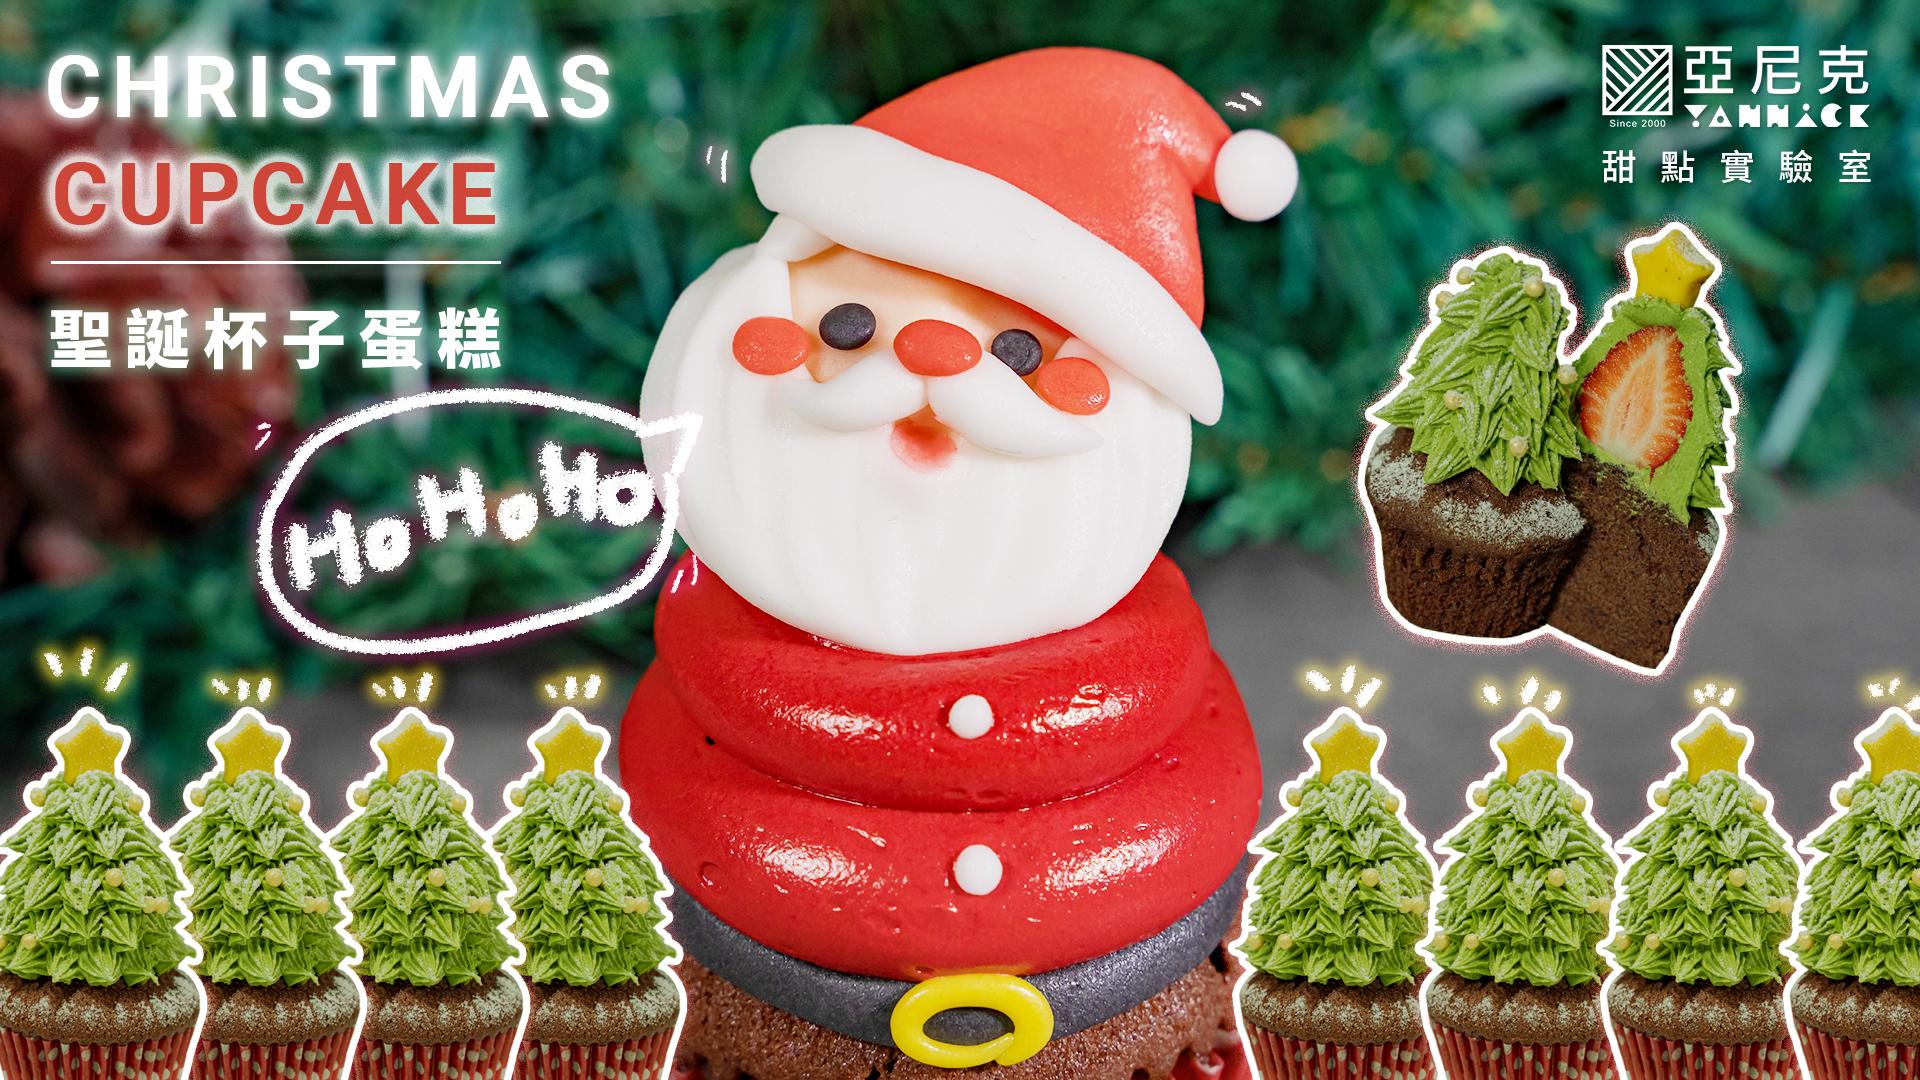 【YouTube甜點實驗室】聖誕巧克力杯子蛋糕。翻糖聖誕老公公 & 抹茶草莓聖誕樹